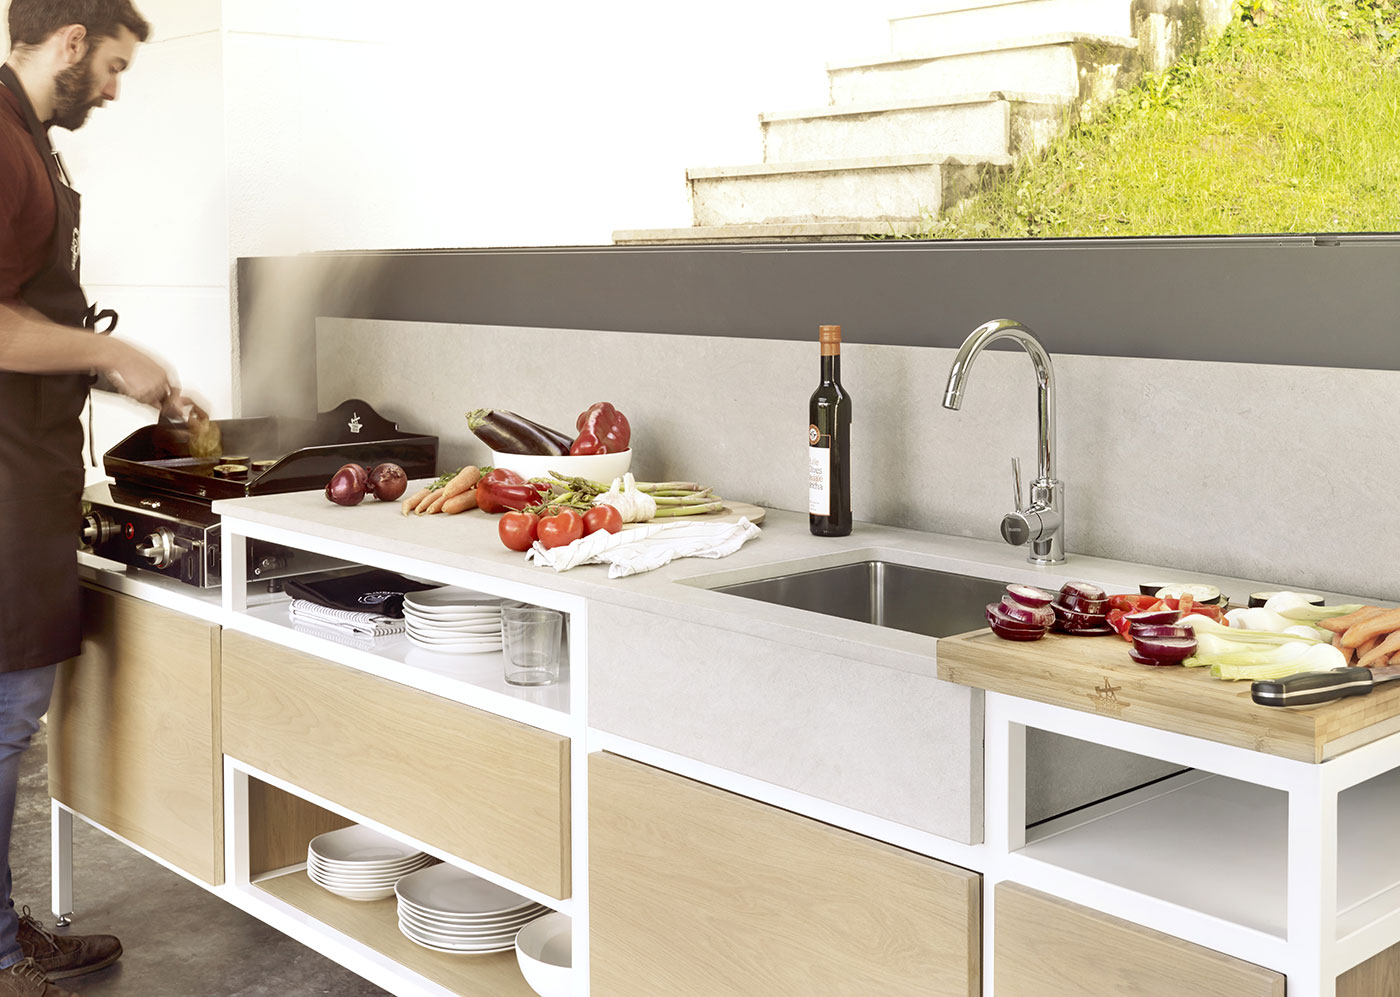 Cuisine-Exterieure-Design-Iratzoki-Lizaso-01